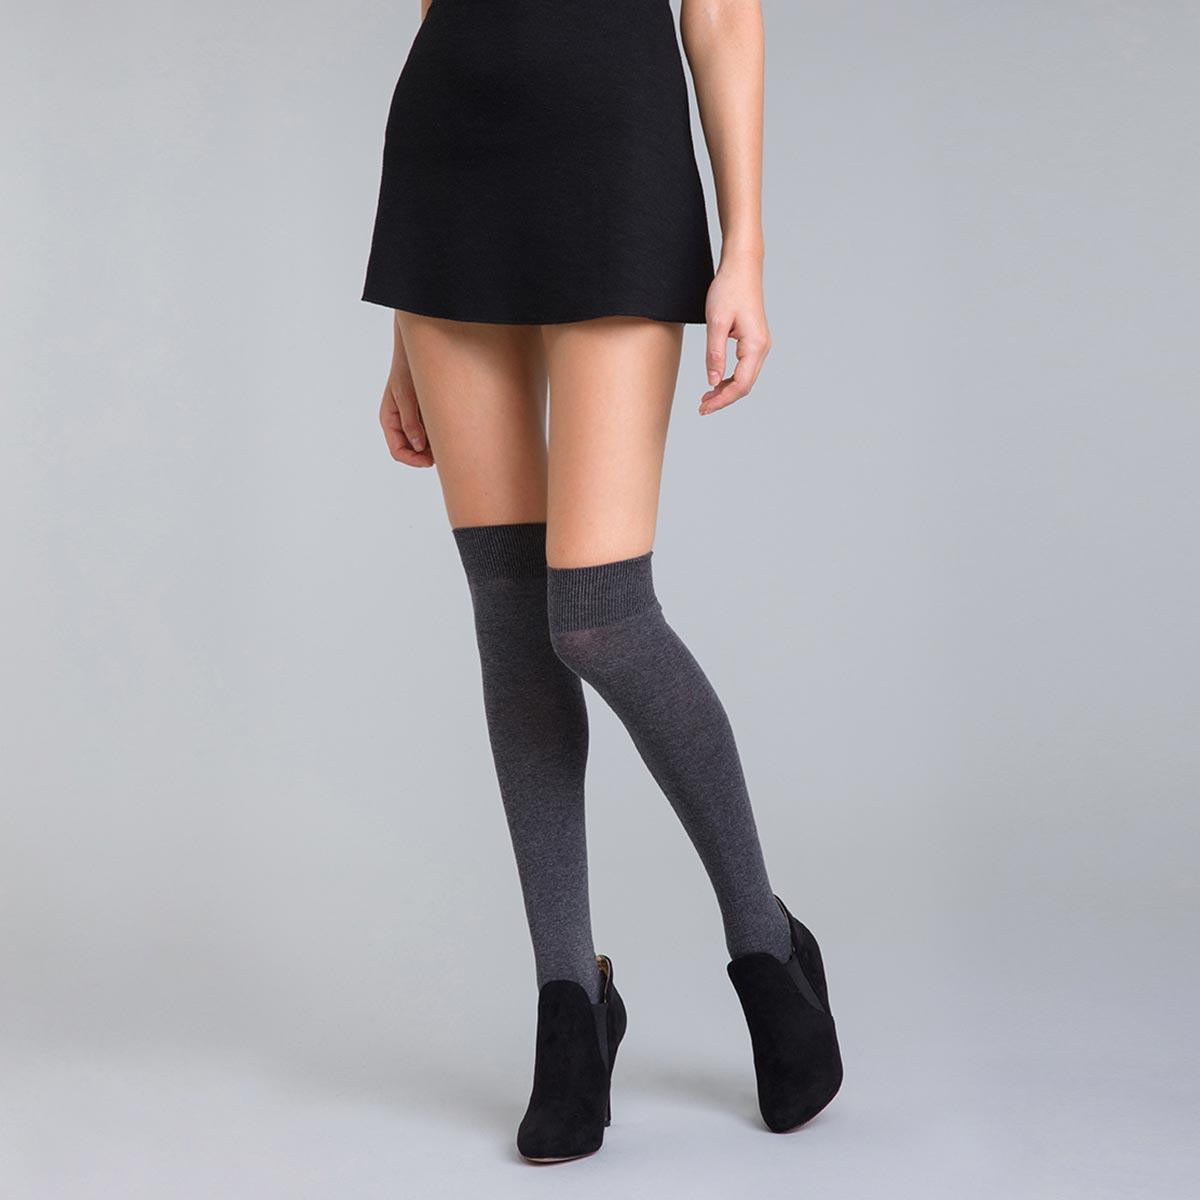 Chaussettes hautes anthracite chiné Coton Style Femme